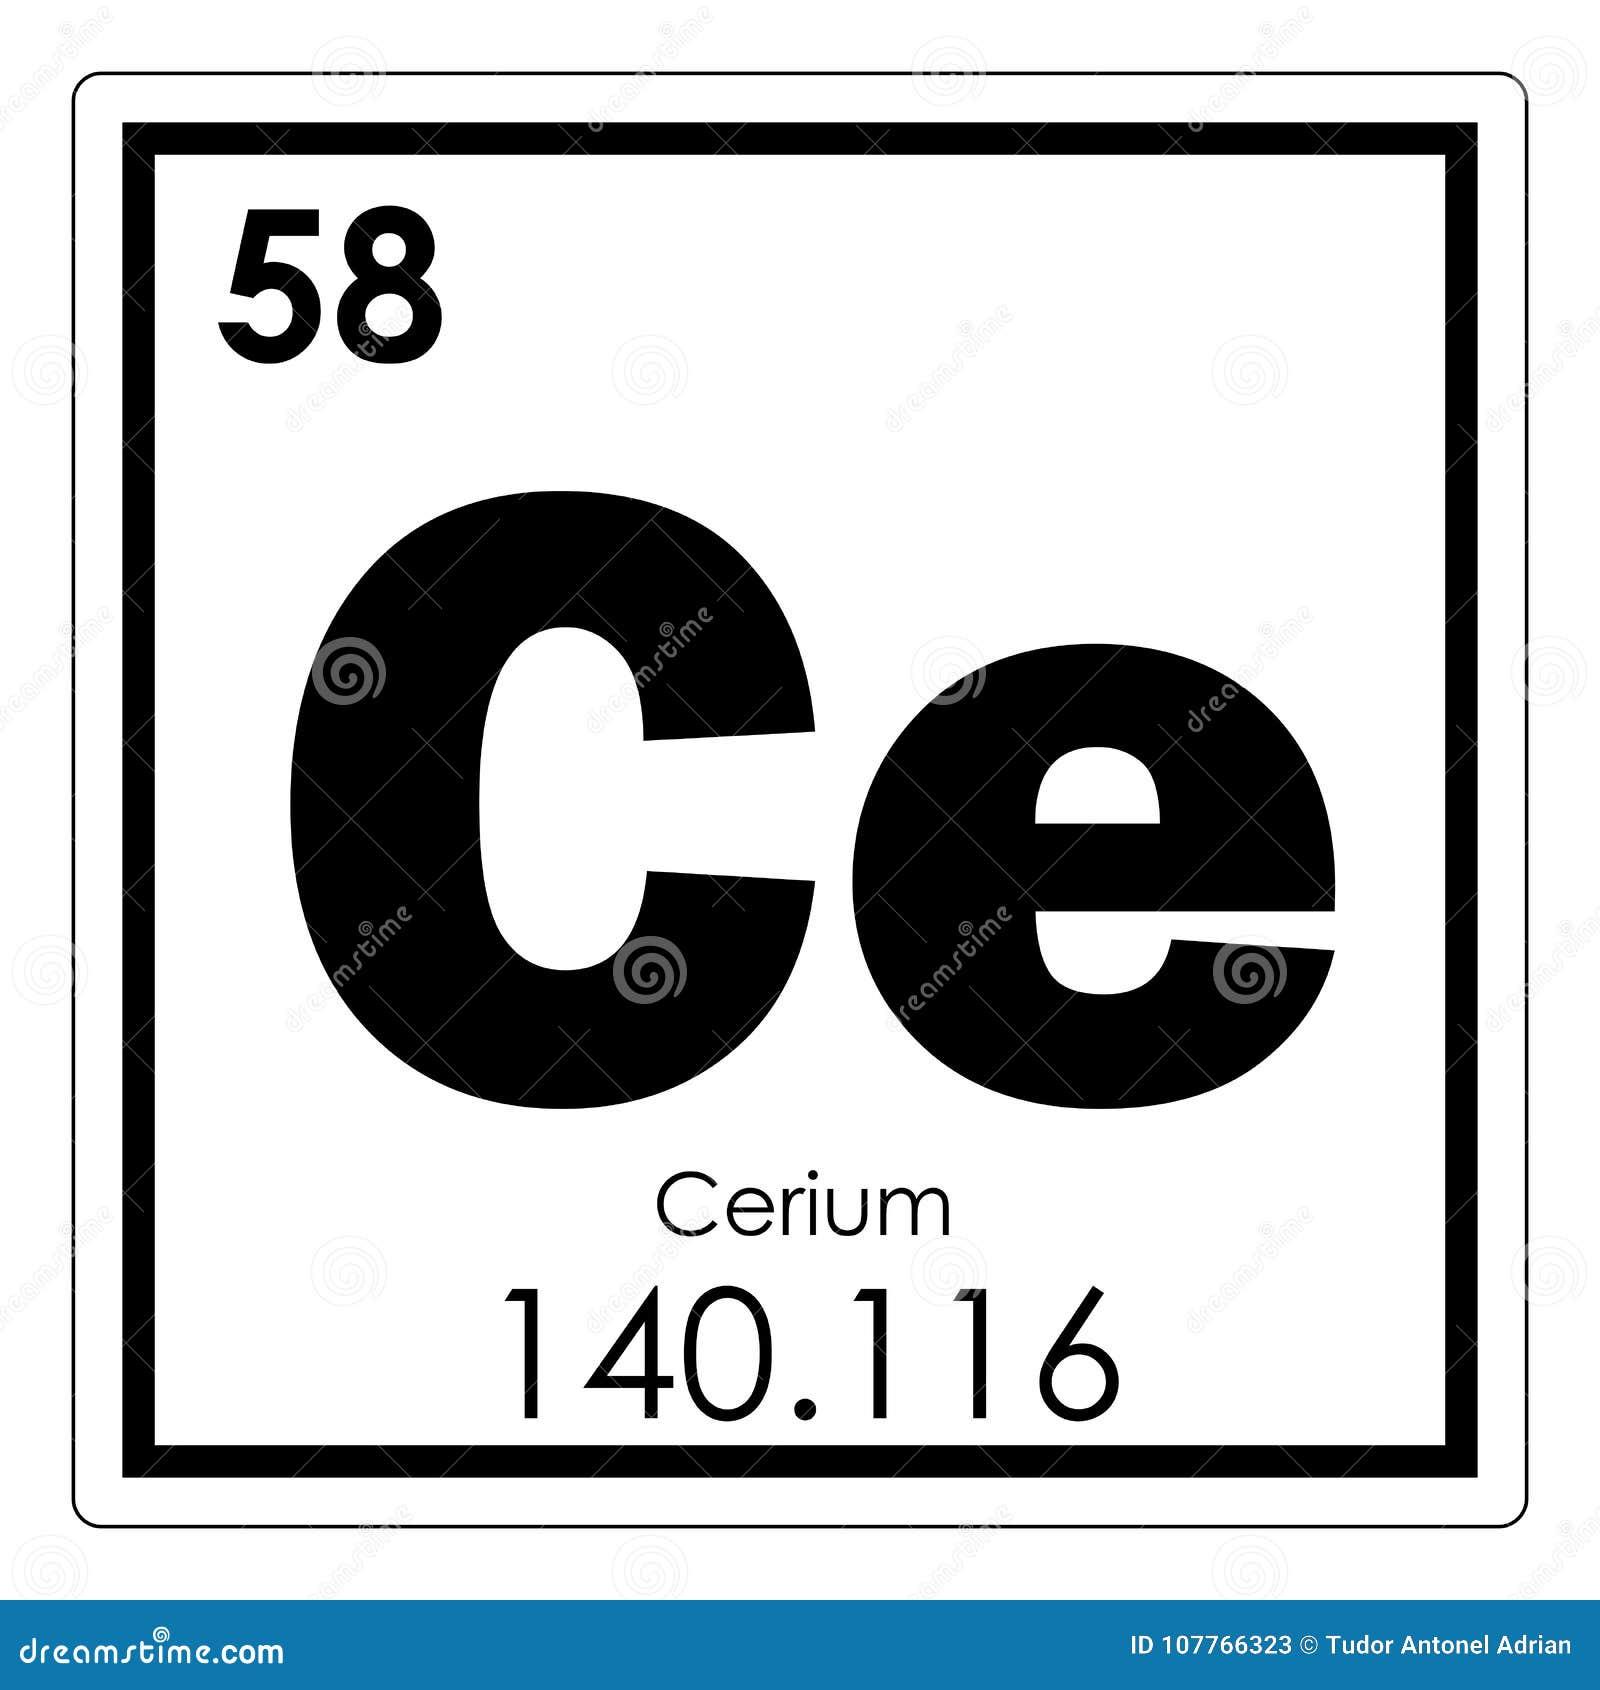 Cerium chemical elemen...